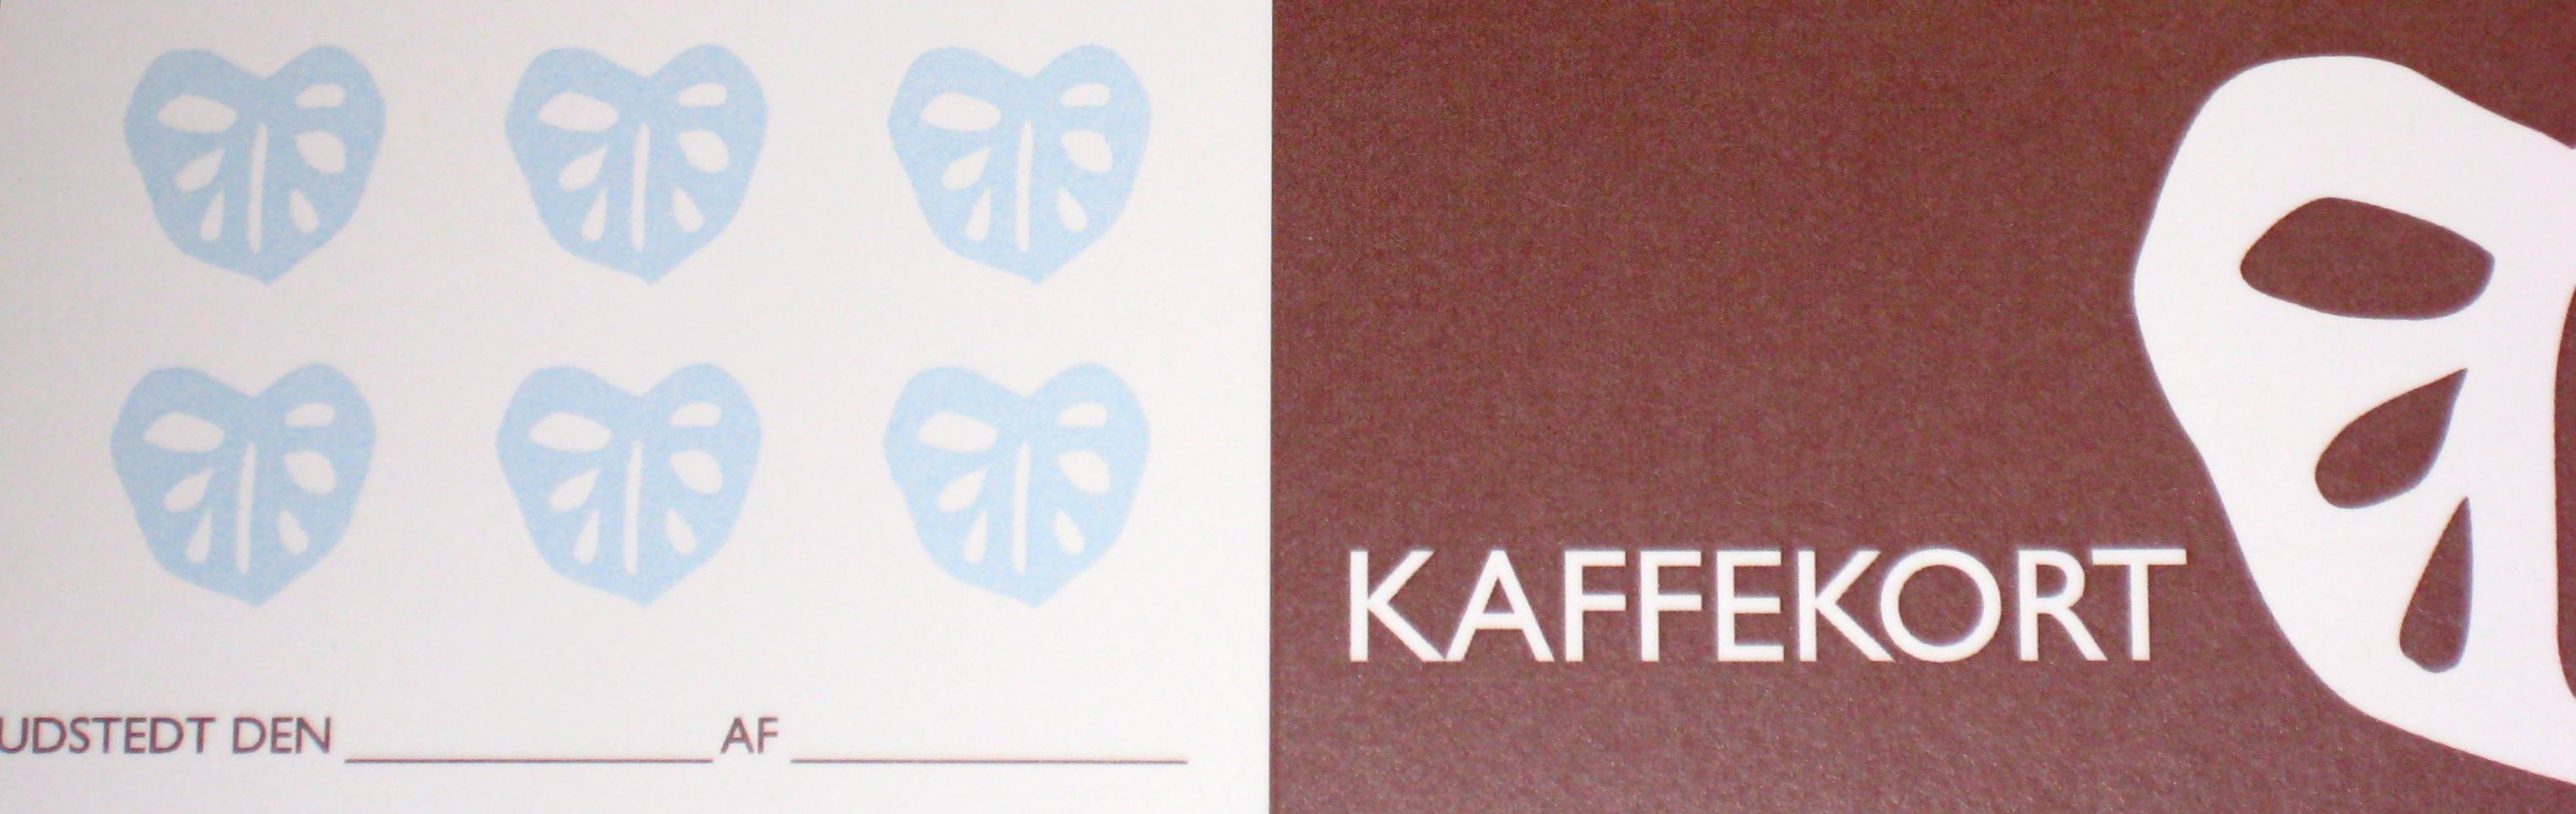 IMG 1111 Kaffekort